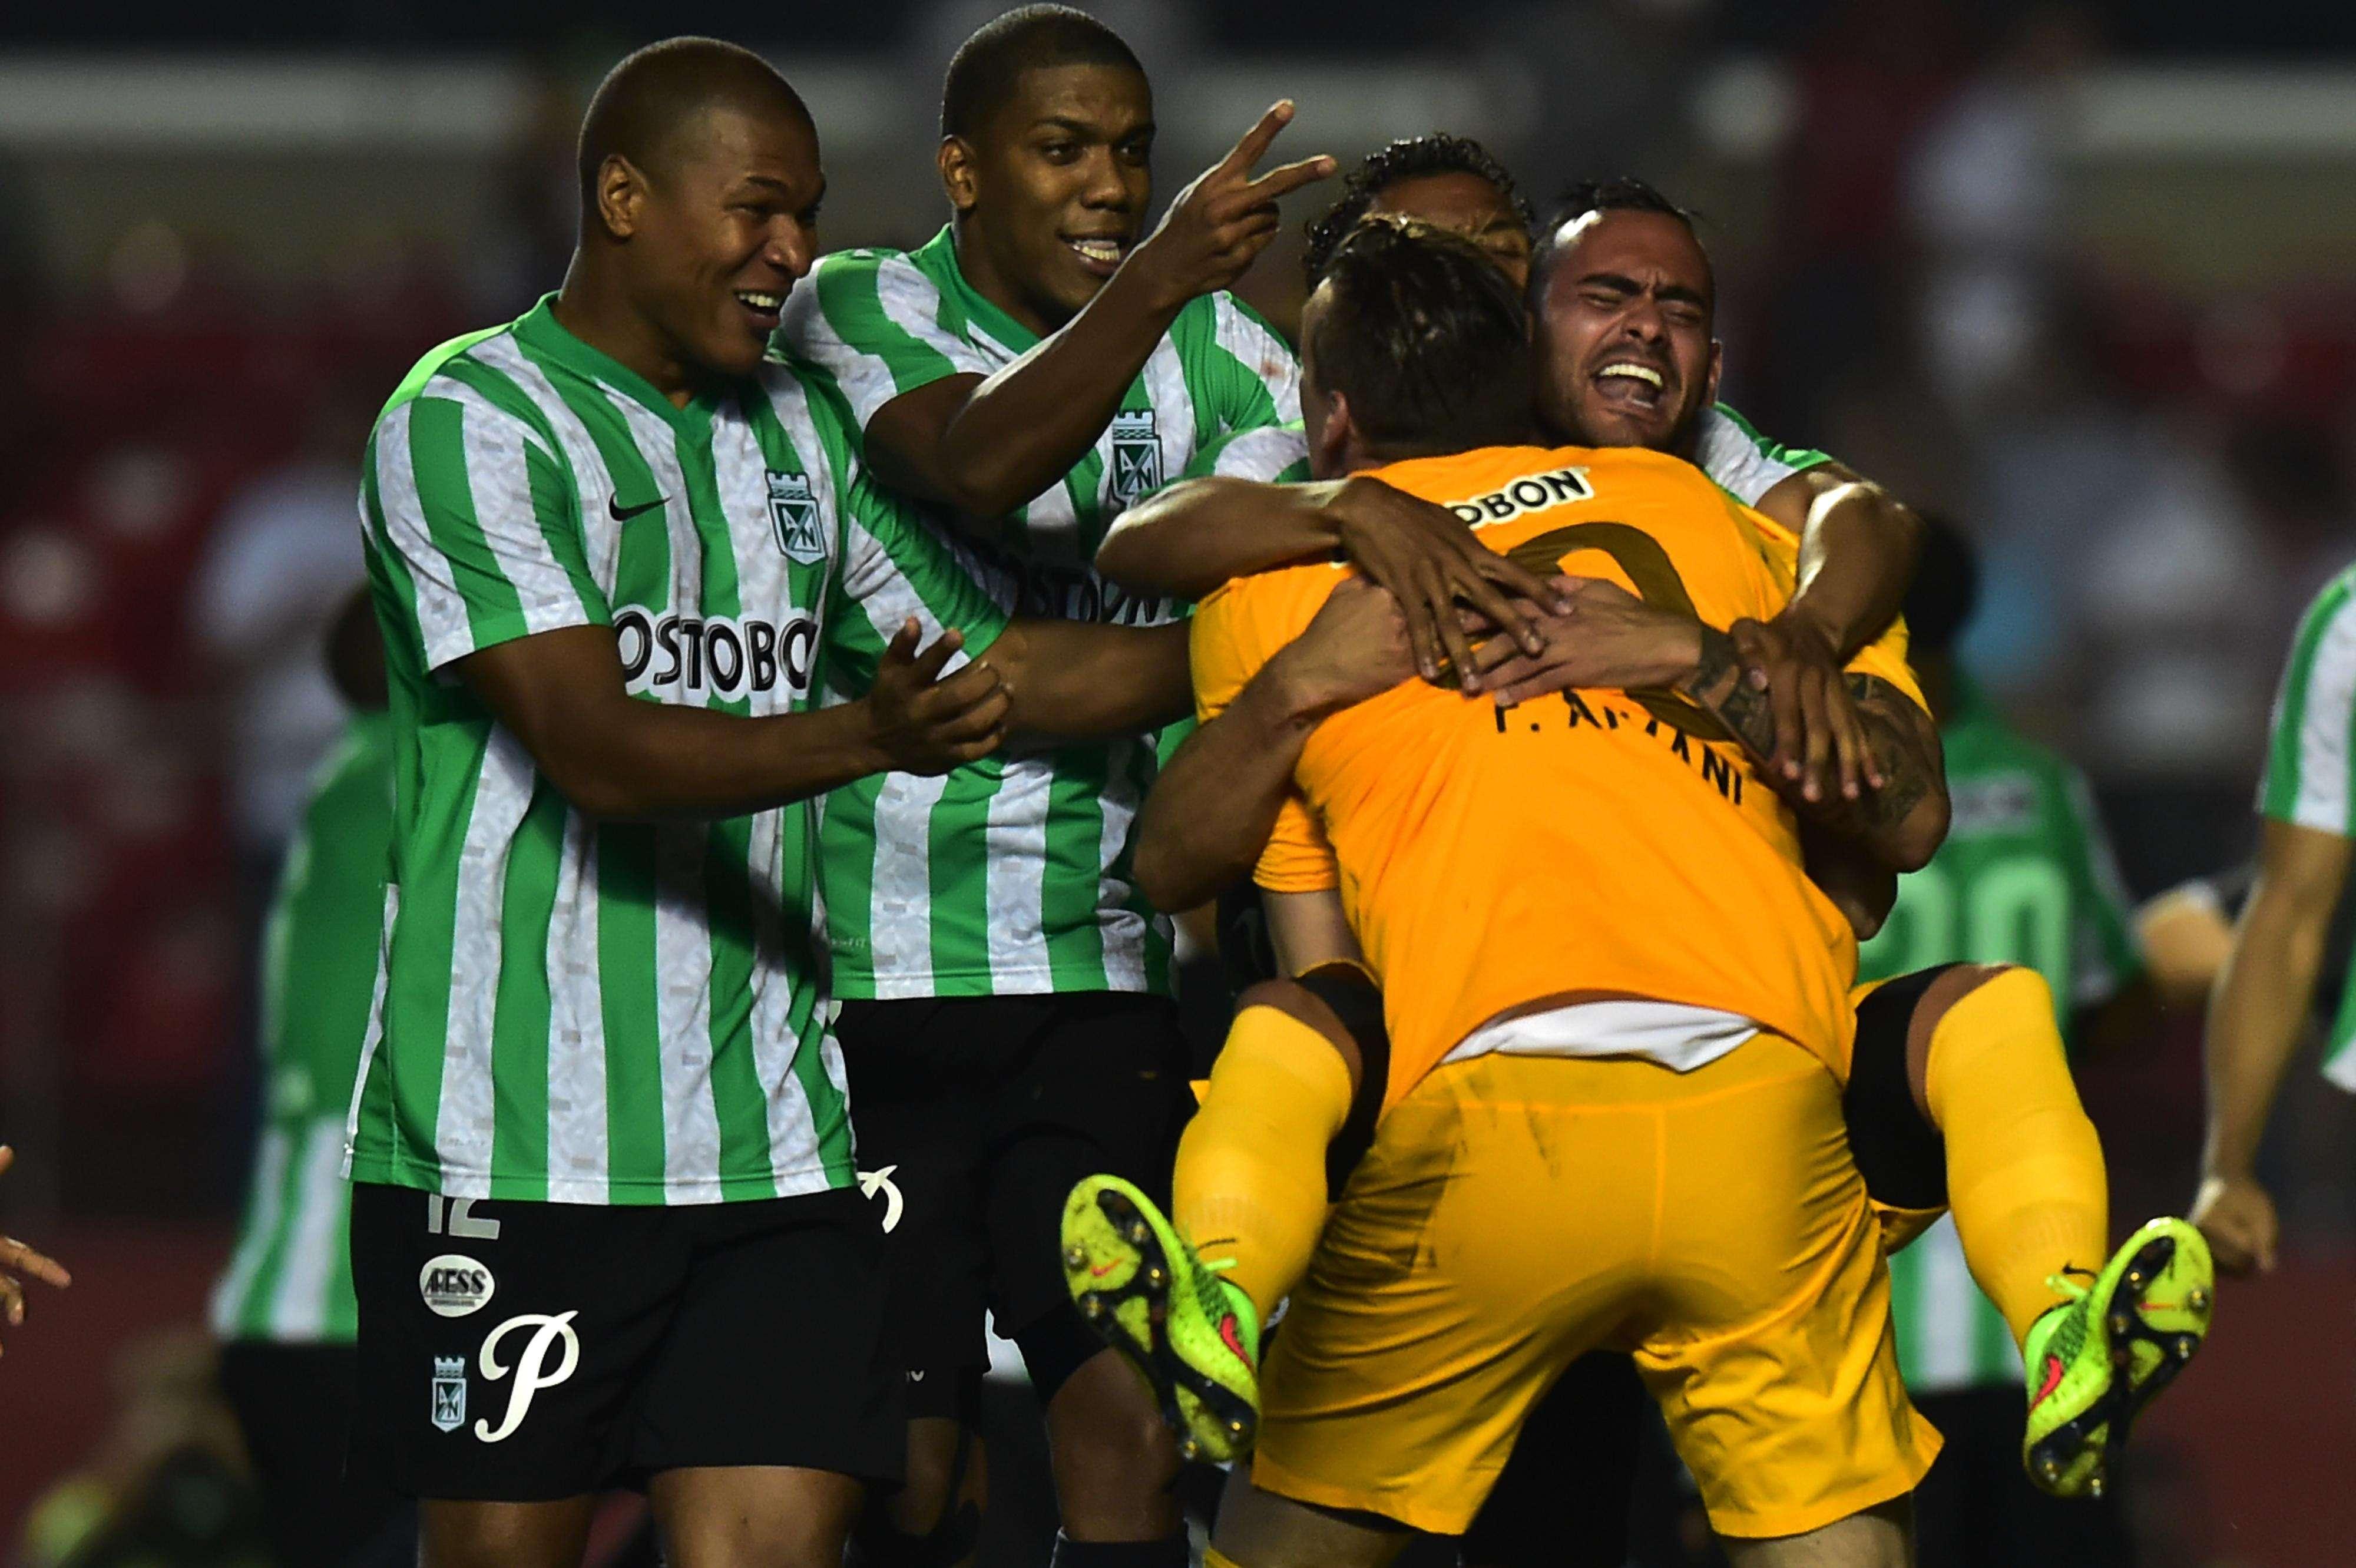 Atlético Nacional vence nos pênaltis e vai à final da Copa Sul-Americana Foto: Nelson Almeida/AFP